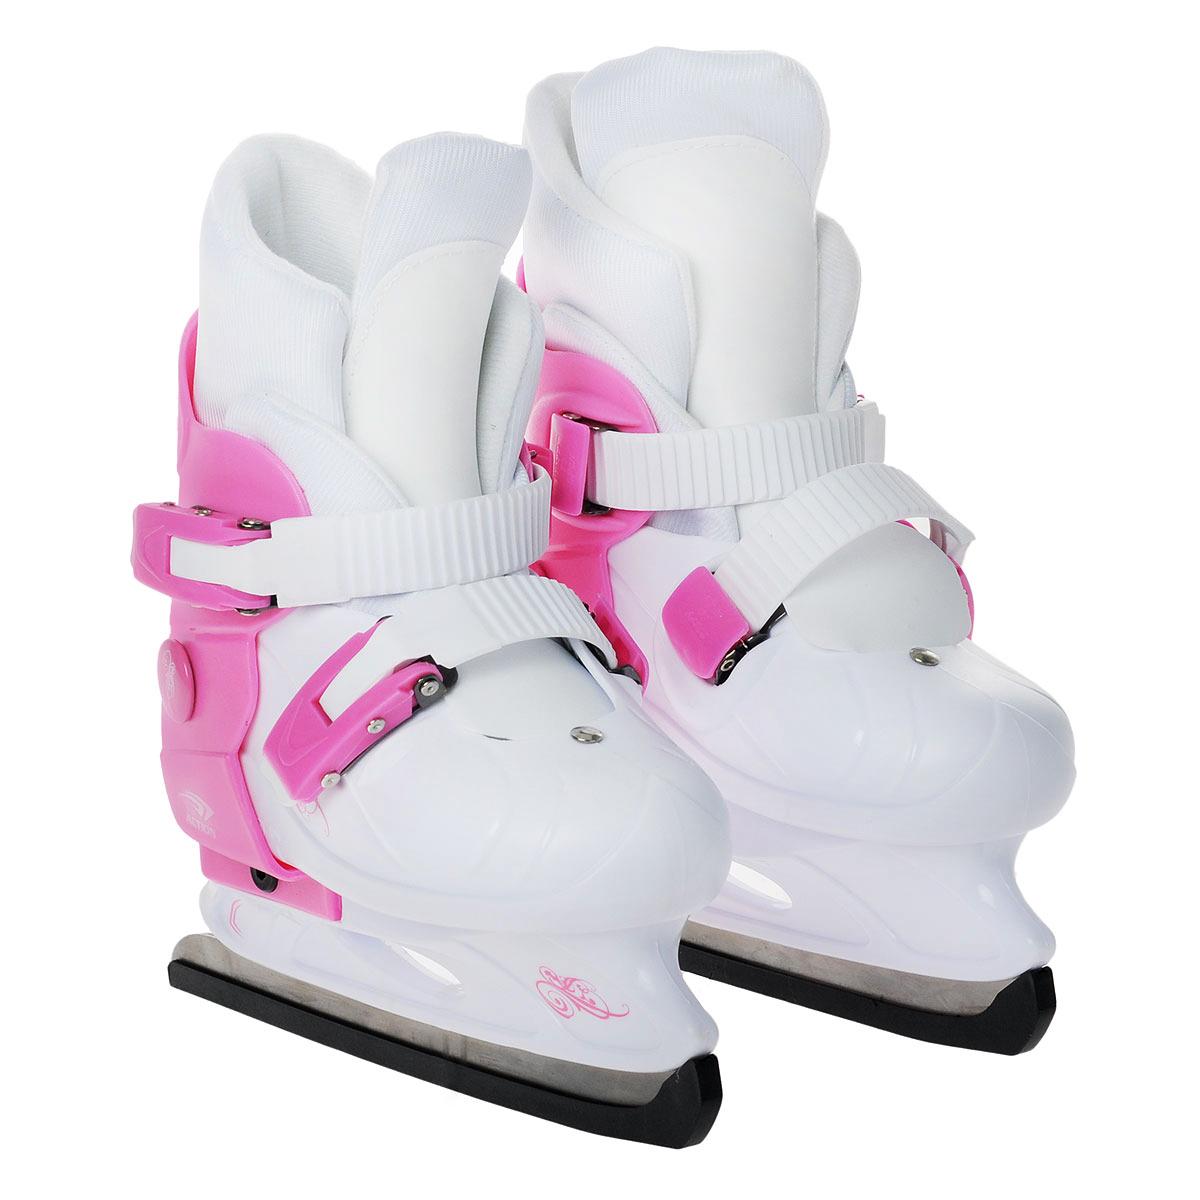 Коньки детские Action PW-219, раздвижные, цвет: розовый, белый. Размер 33/36 роликовые коньки action pw 120p m 35 38 pink